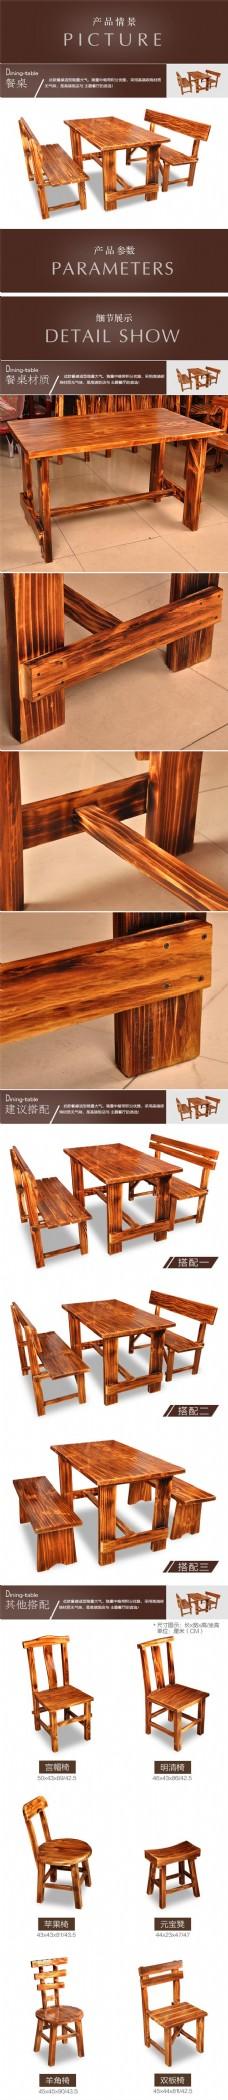 炭烧木餐桌详情页